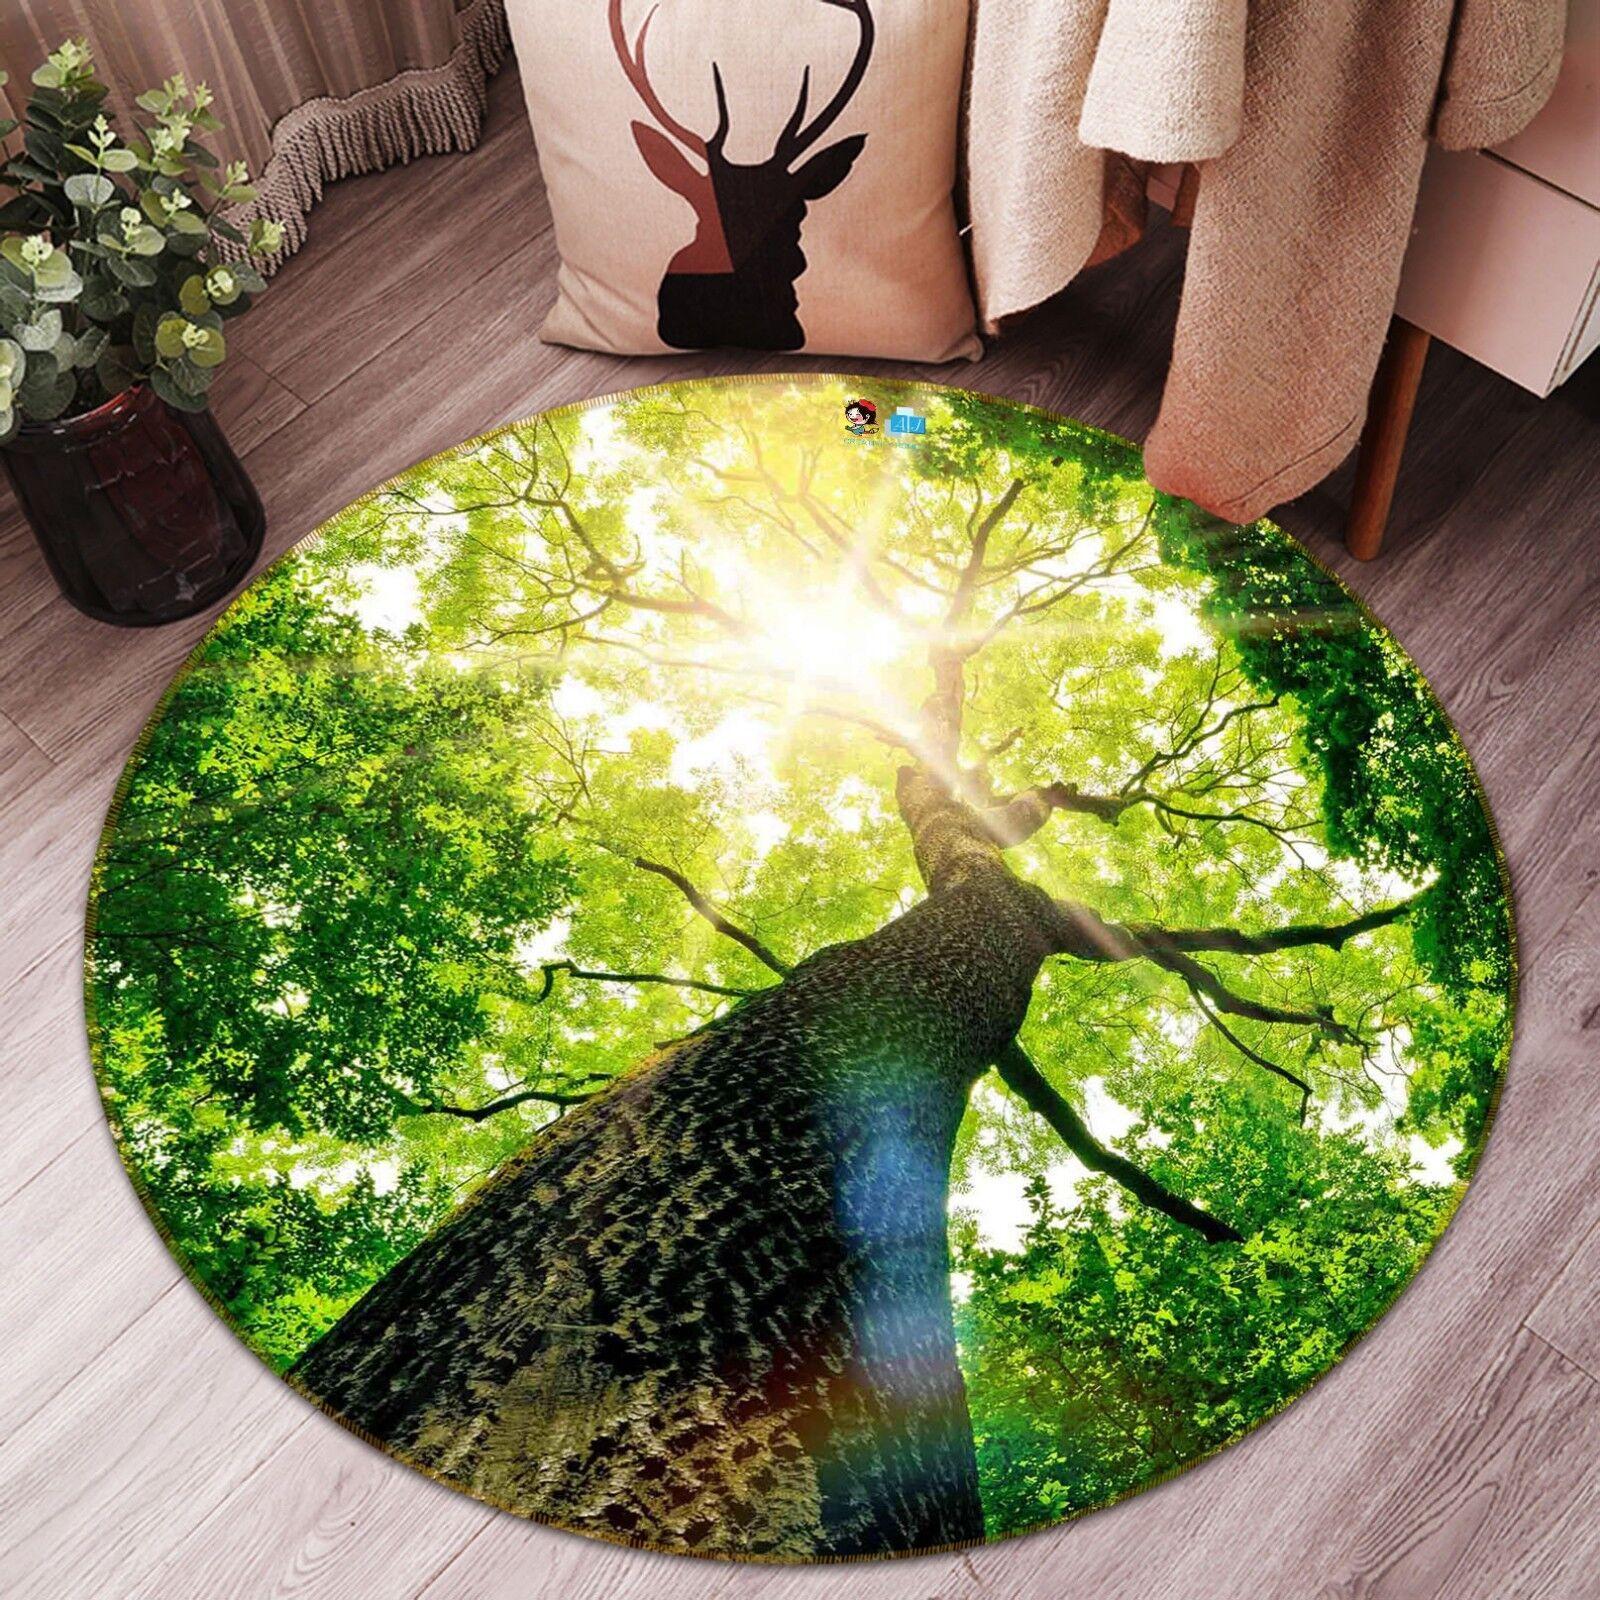 3D Sonne Baum 55 55 55  Rutschfest Teppich Matte Raum Matte Runden Elegant Teppich DE c7d8fb